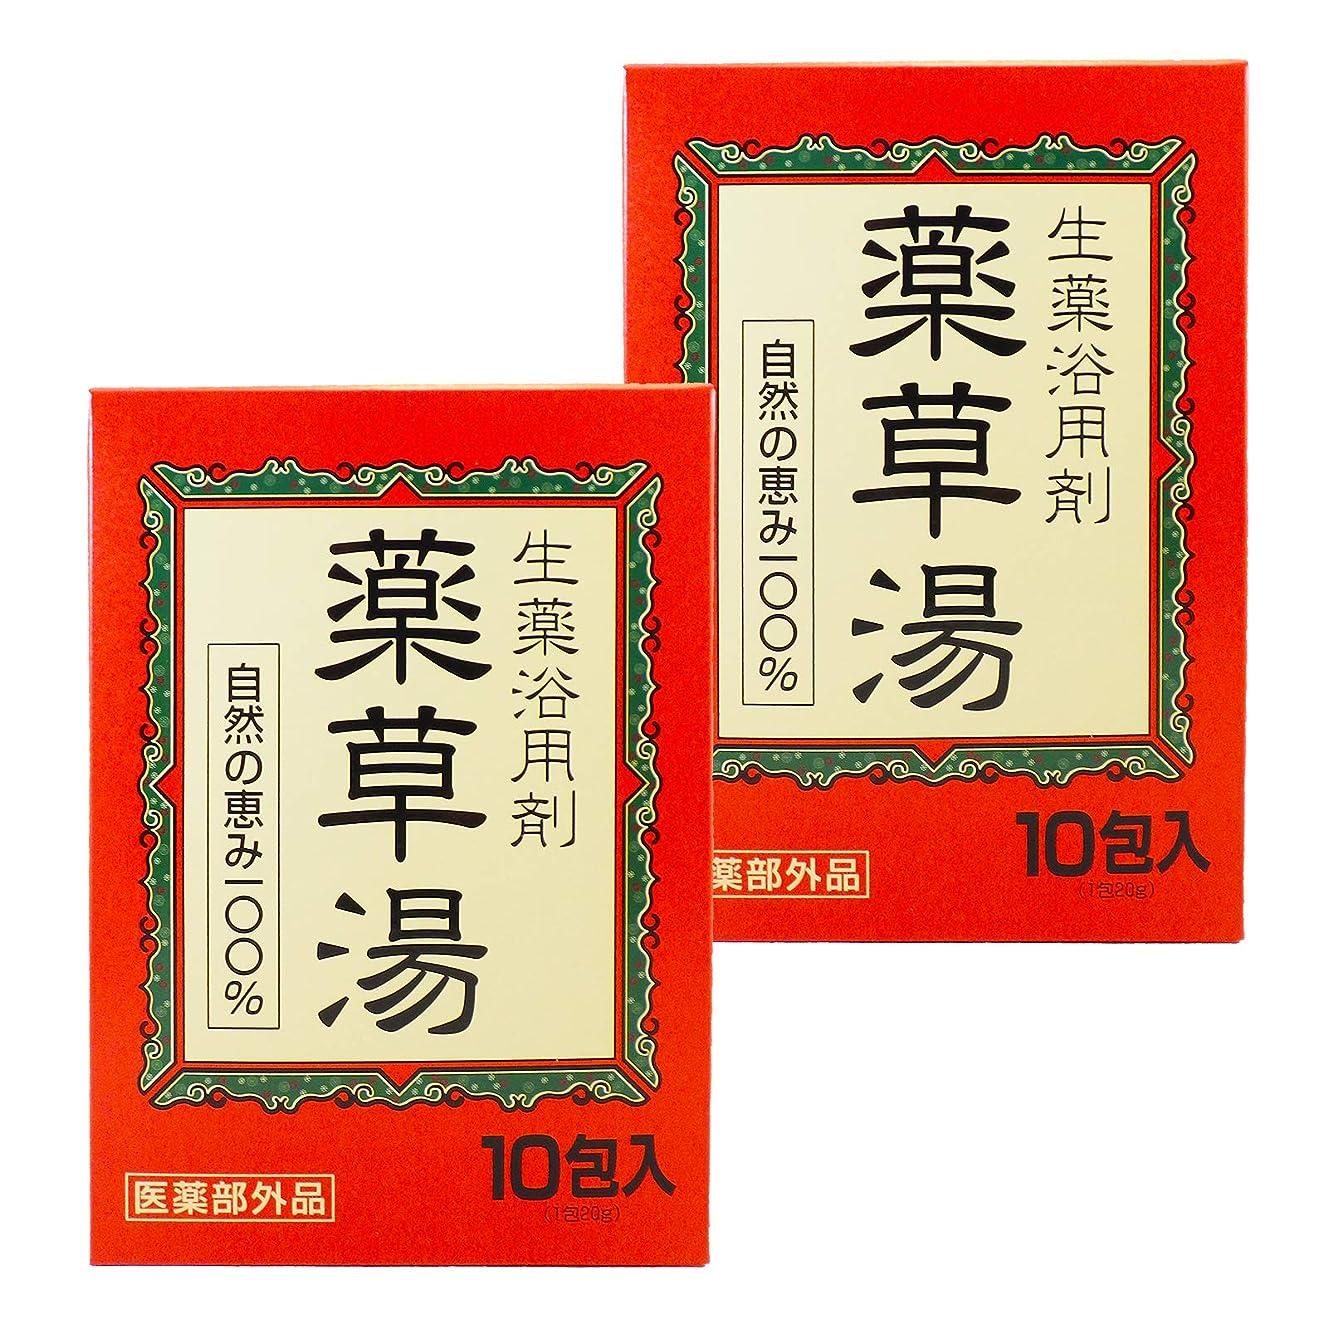 医薬品豪華な馬鹿【まとめ買い】 薬草湯 生薬浴用剤 10包入×2個 自然のめぐみ100% 医薬部外品